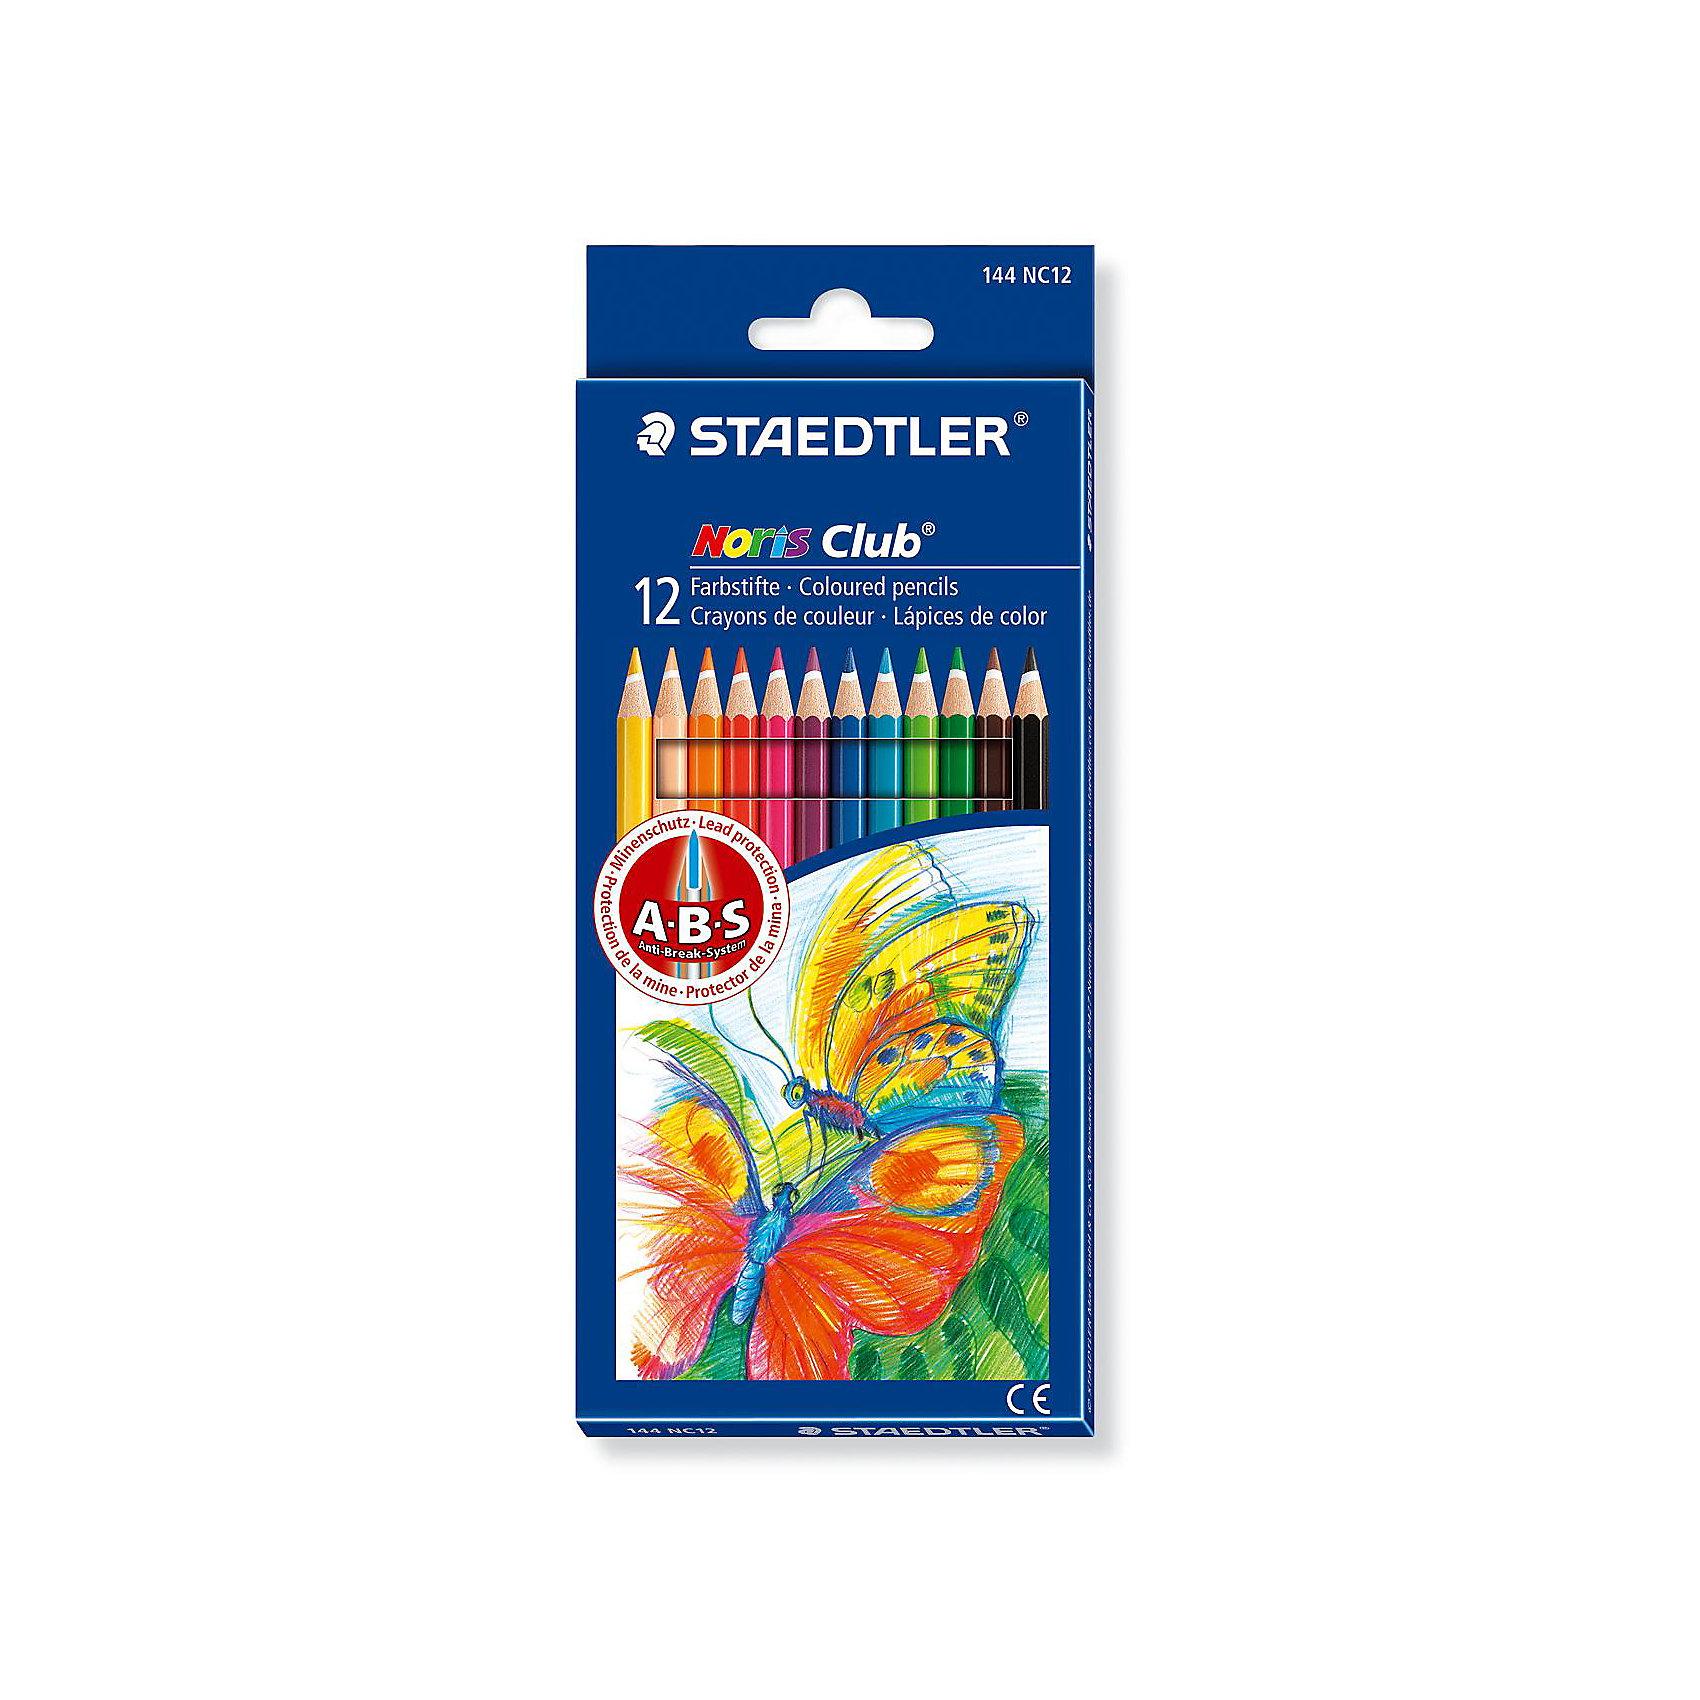 Карандаш цветной NorisClub, 12 цветовРисование<br>Набор цветных карандашей Noris Club® 144, 12 цветов в картонной упаковке. Карандаши уложены в 1 ряд. Классическая шестигранная форма. A-B-S - белое защитное покрытие для укрепления грифеля и для защиты от поломки. Очень мягкий и яркий грифель. При производстве используется древесина сертифицированных и специально подготовленных лесов.<br><br>Ширина мм: 197<br>Глубина мм: 89<br>Высота мм: 10<br>Вес г: 75<br>Возраст от месяцев: 36<br>Возраст до месяцев: 192<br>Пол: Унисекс<br>Возраст: Детский<br>SKU: 2031234